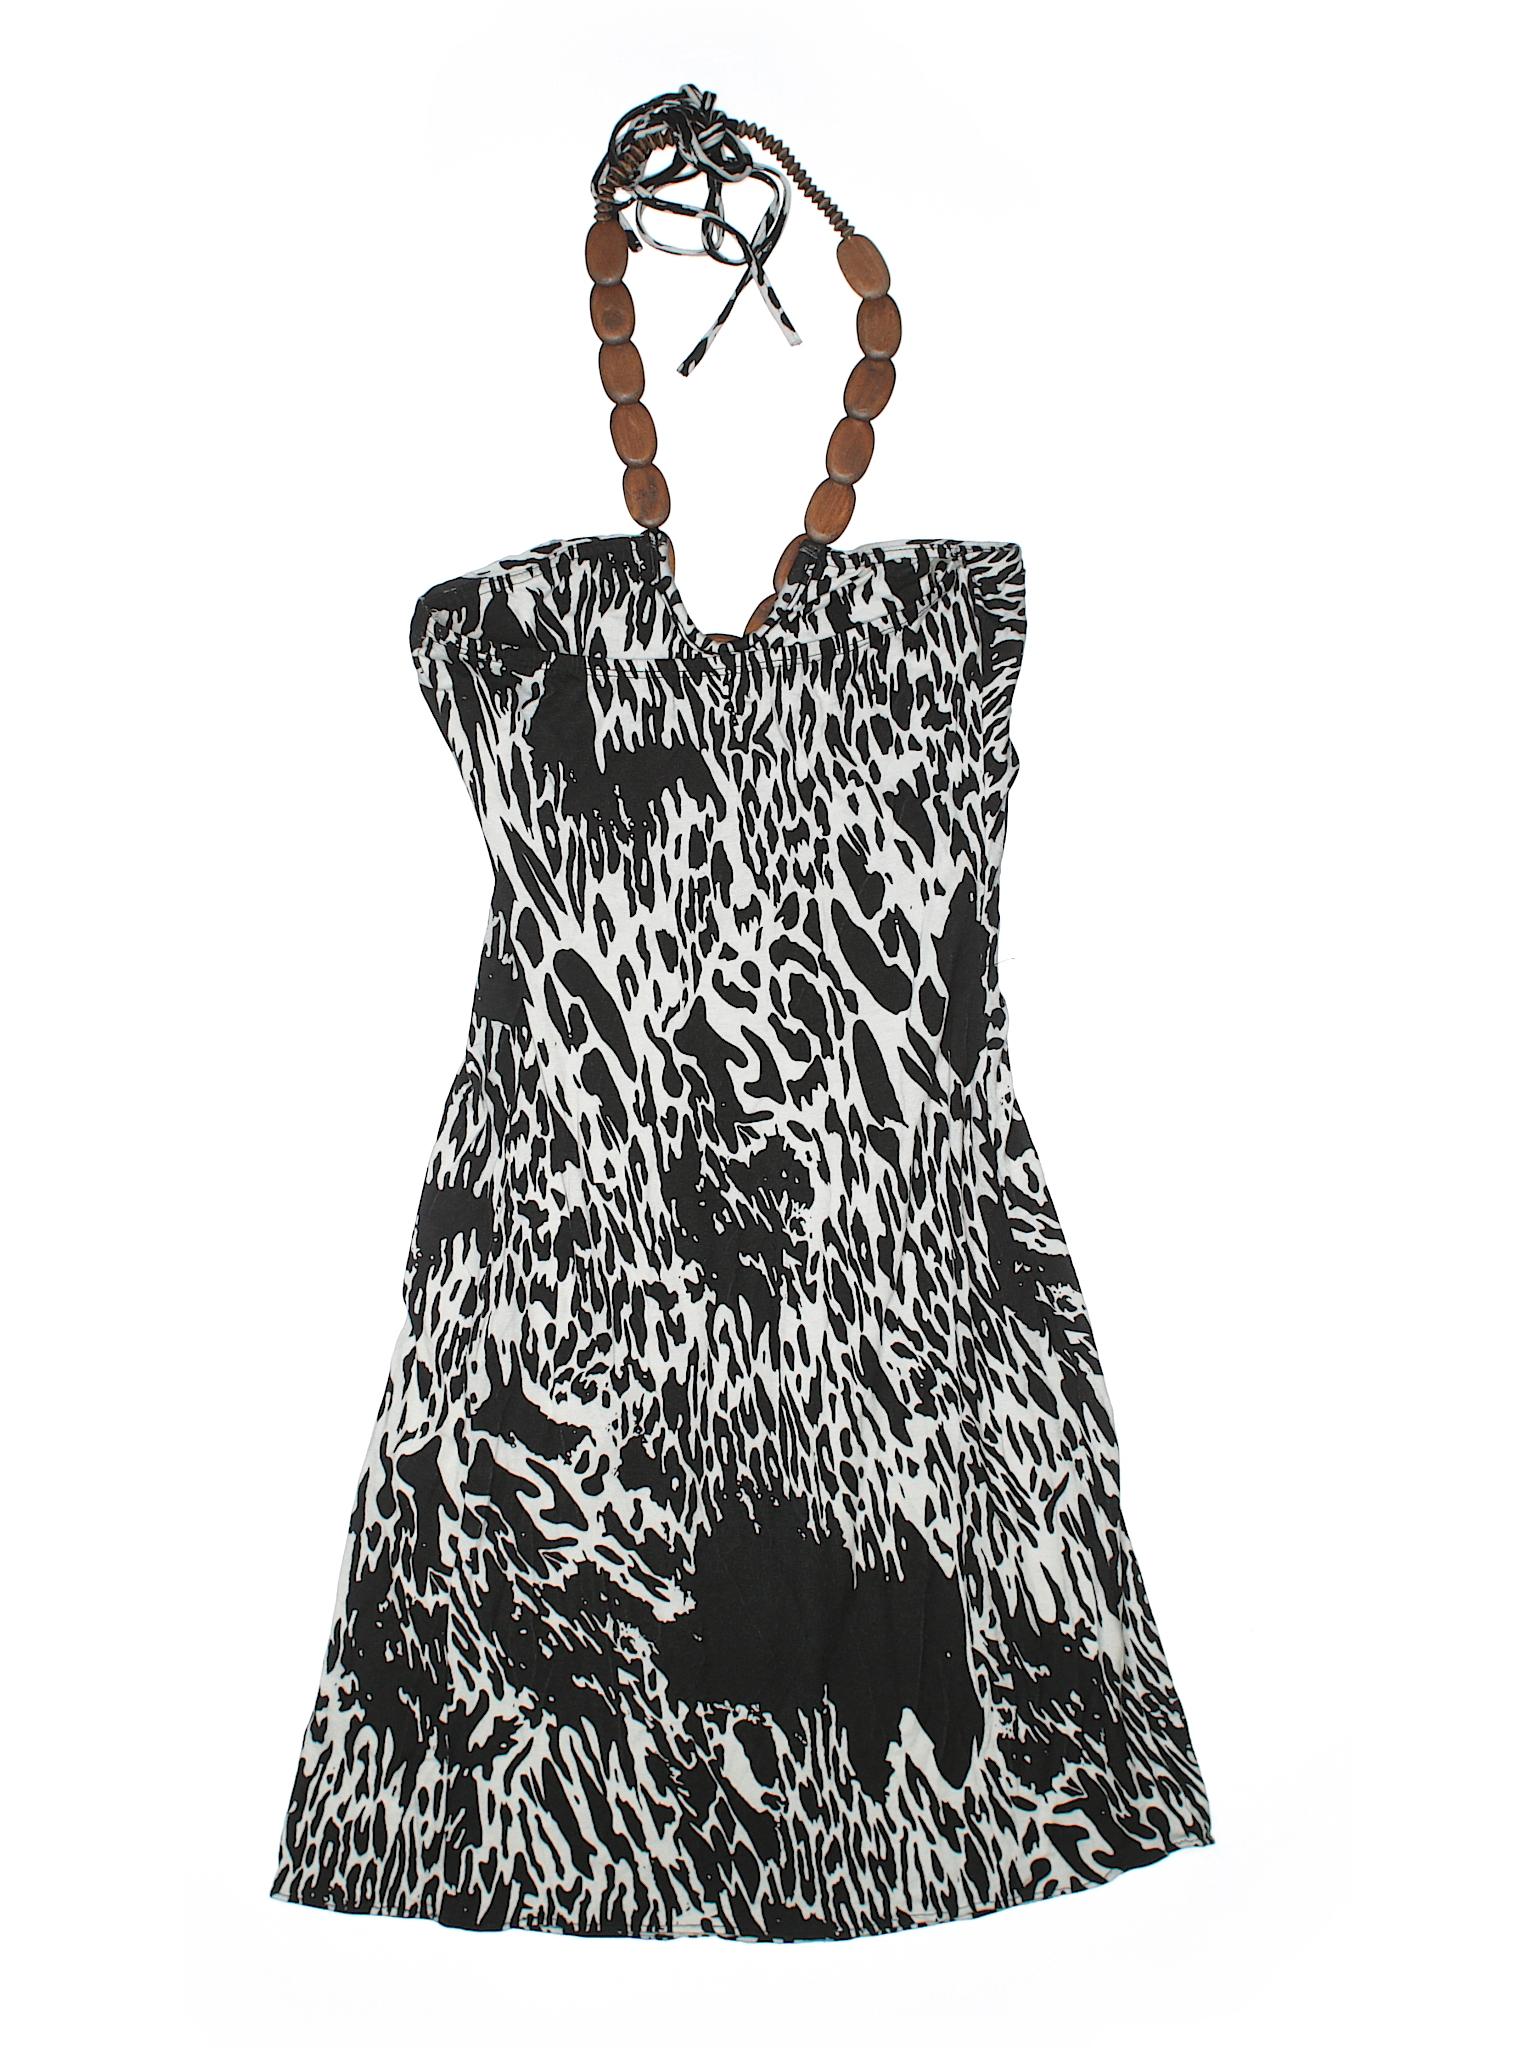 Twenty Casual One One Twenty One Dress Twenty Selling Casual Selling Dress Casual Selling zq6Rd1